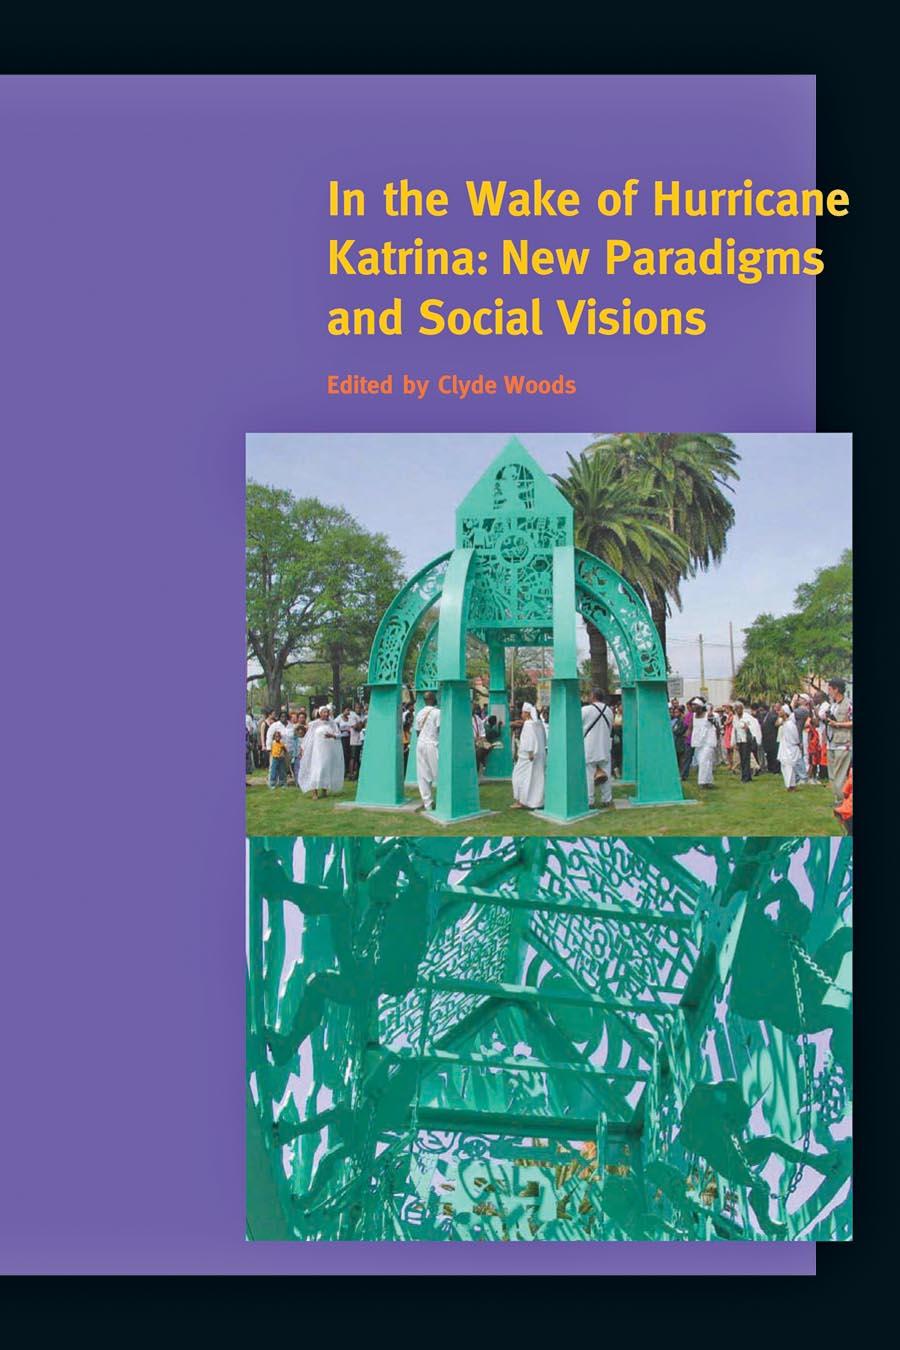 In the Wake of Hurricane Katrina – New Paradigms and Social Visions